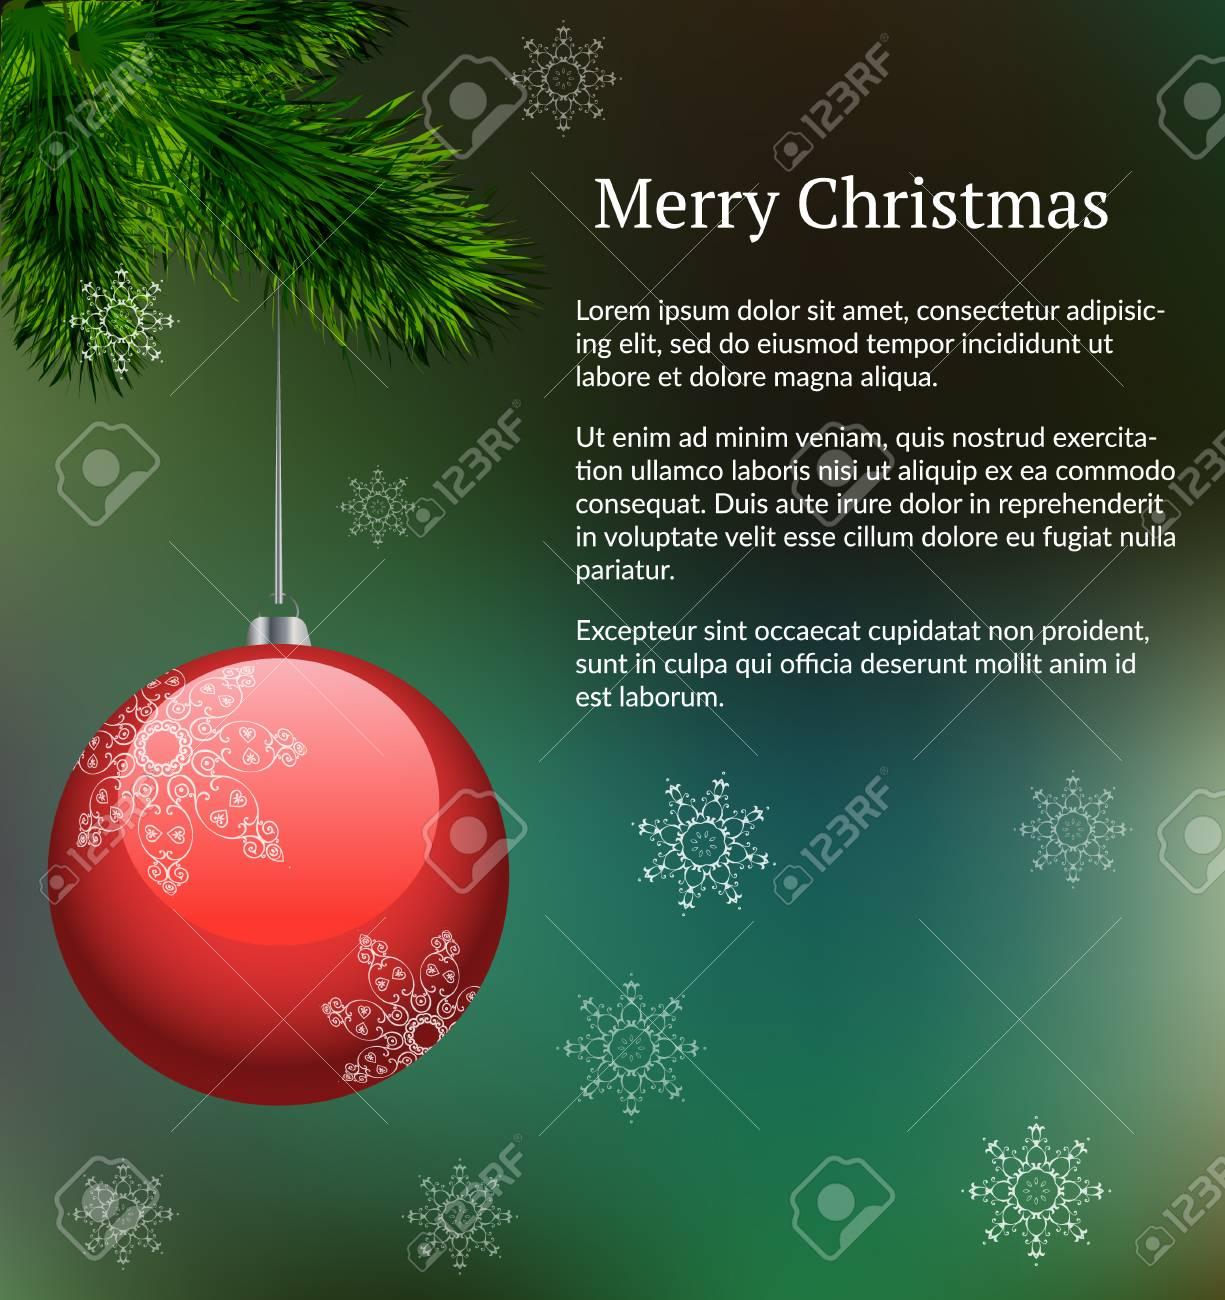 Grüne Vektor Layout Mit Zweig Der Weihnachtsbaum Mit Hängenden Red